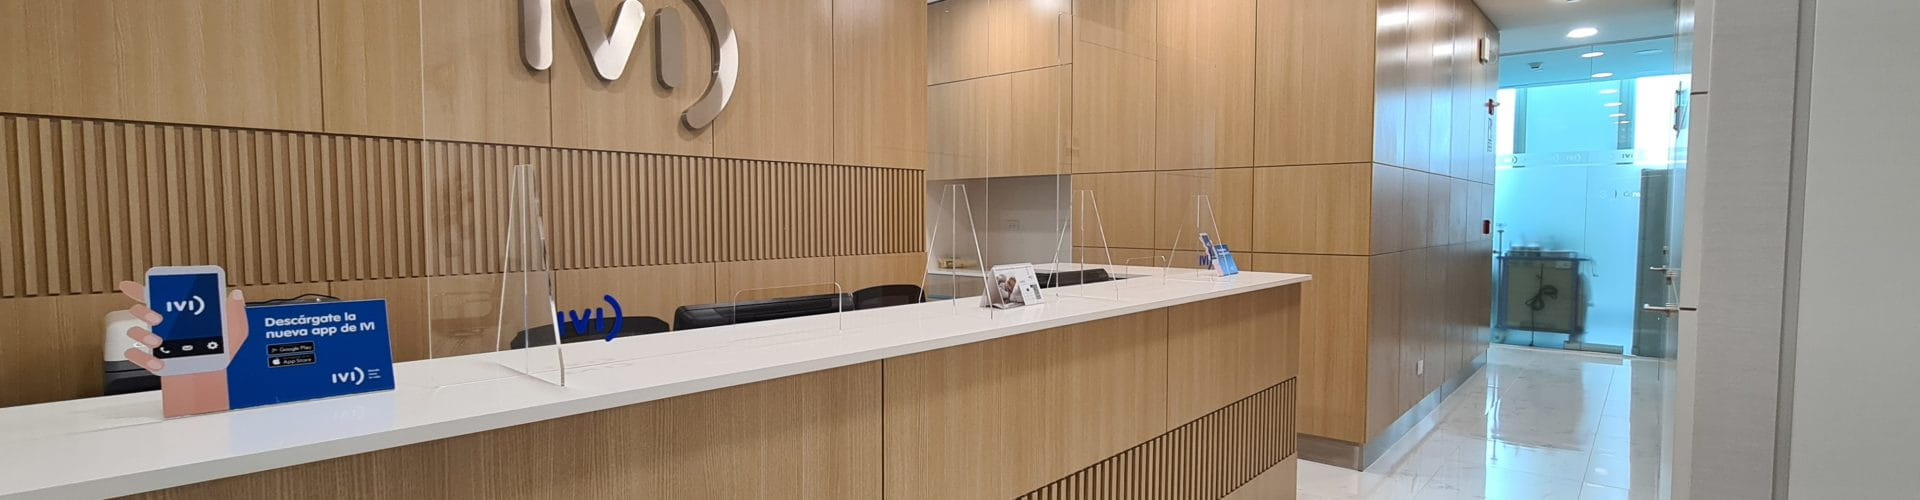 IVI Panamá abre nuevas instalaciones en The Panama Clinic